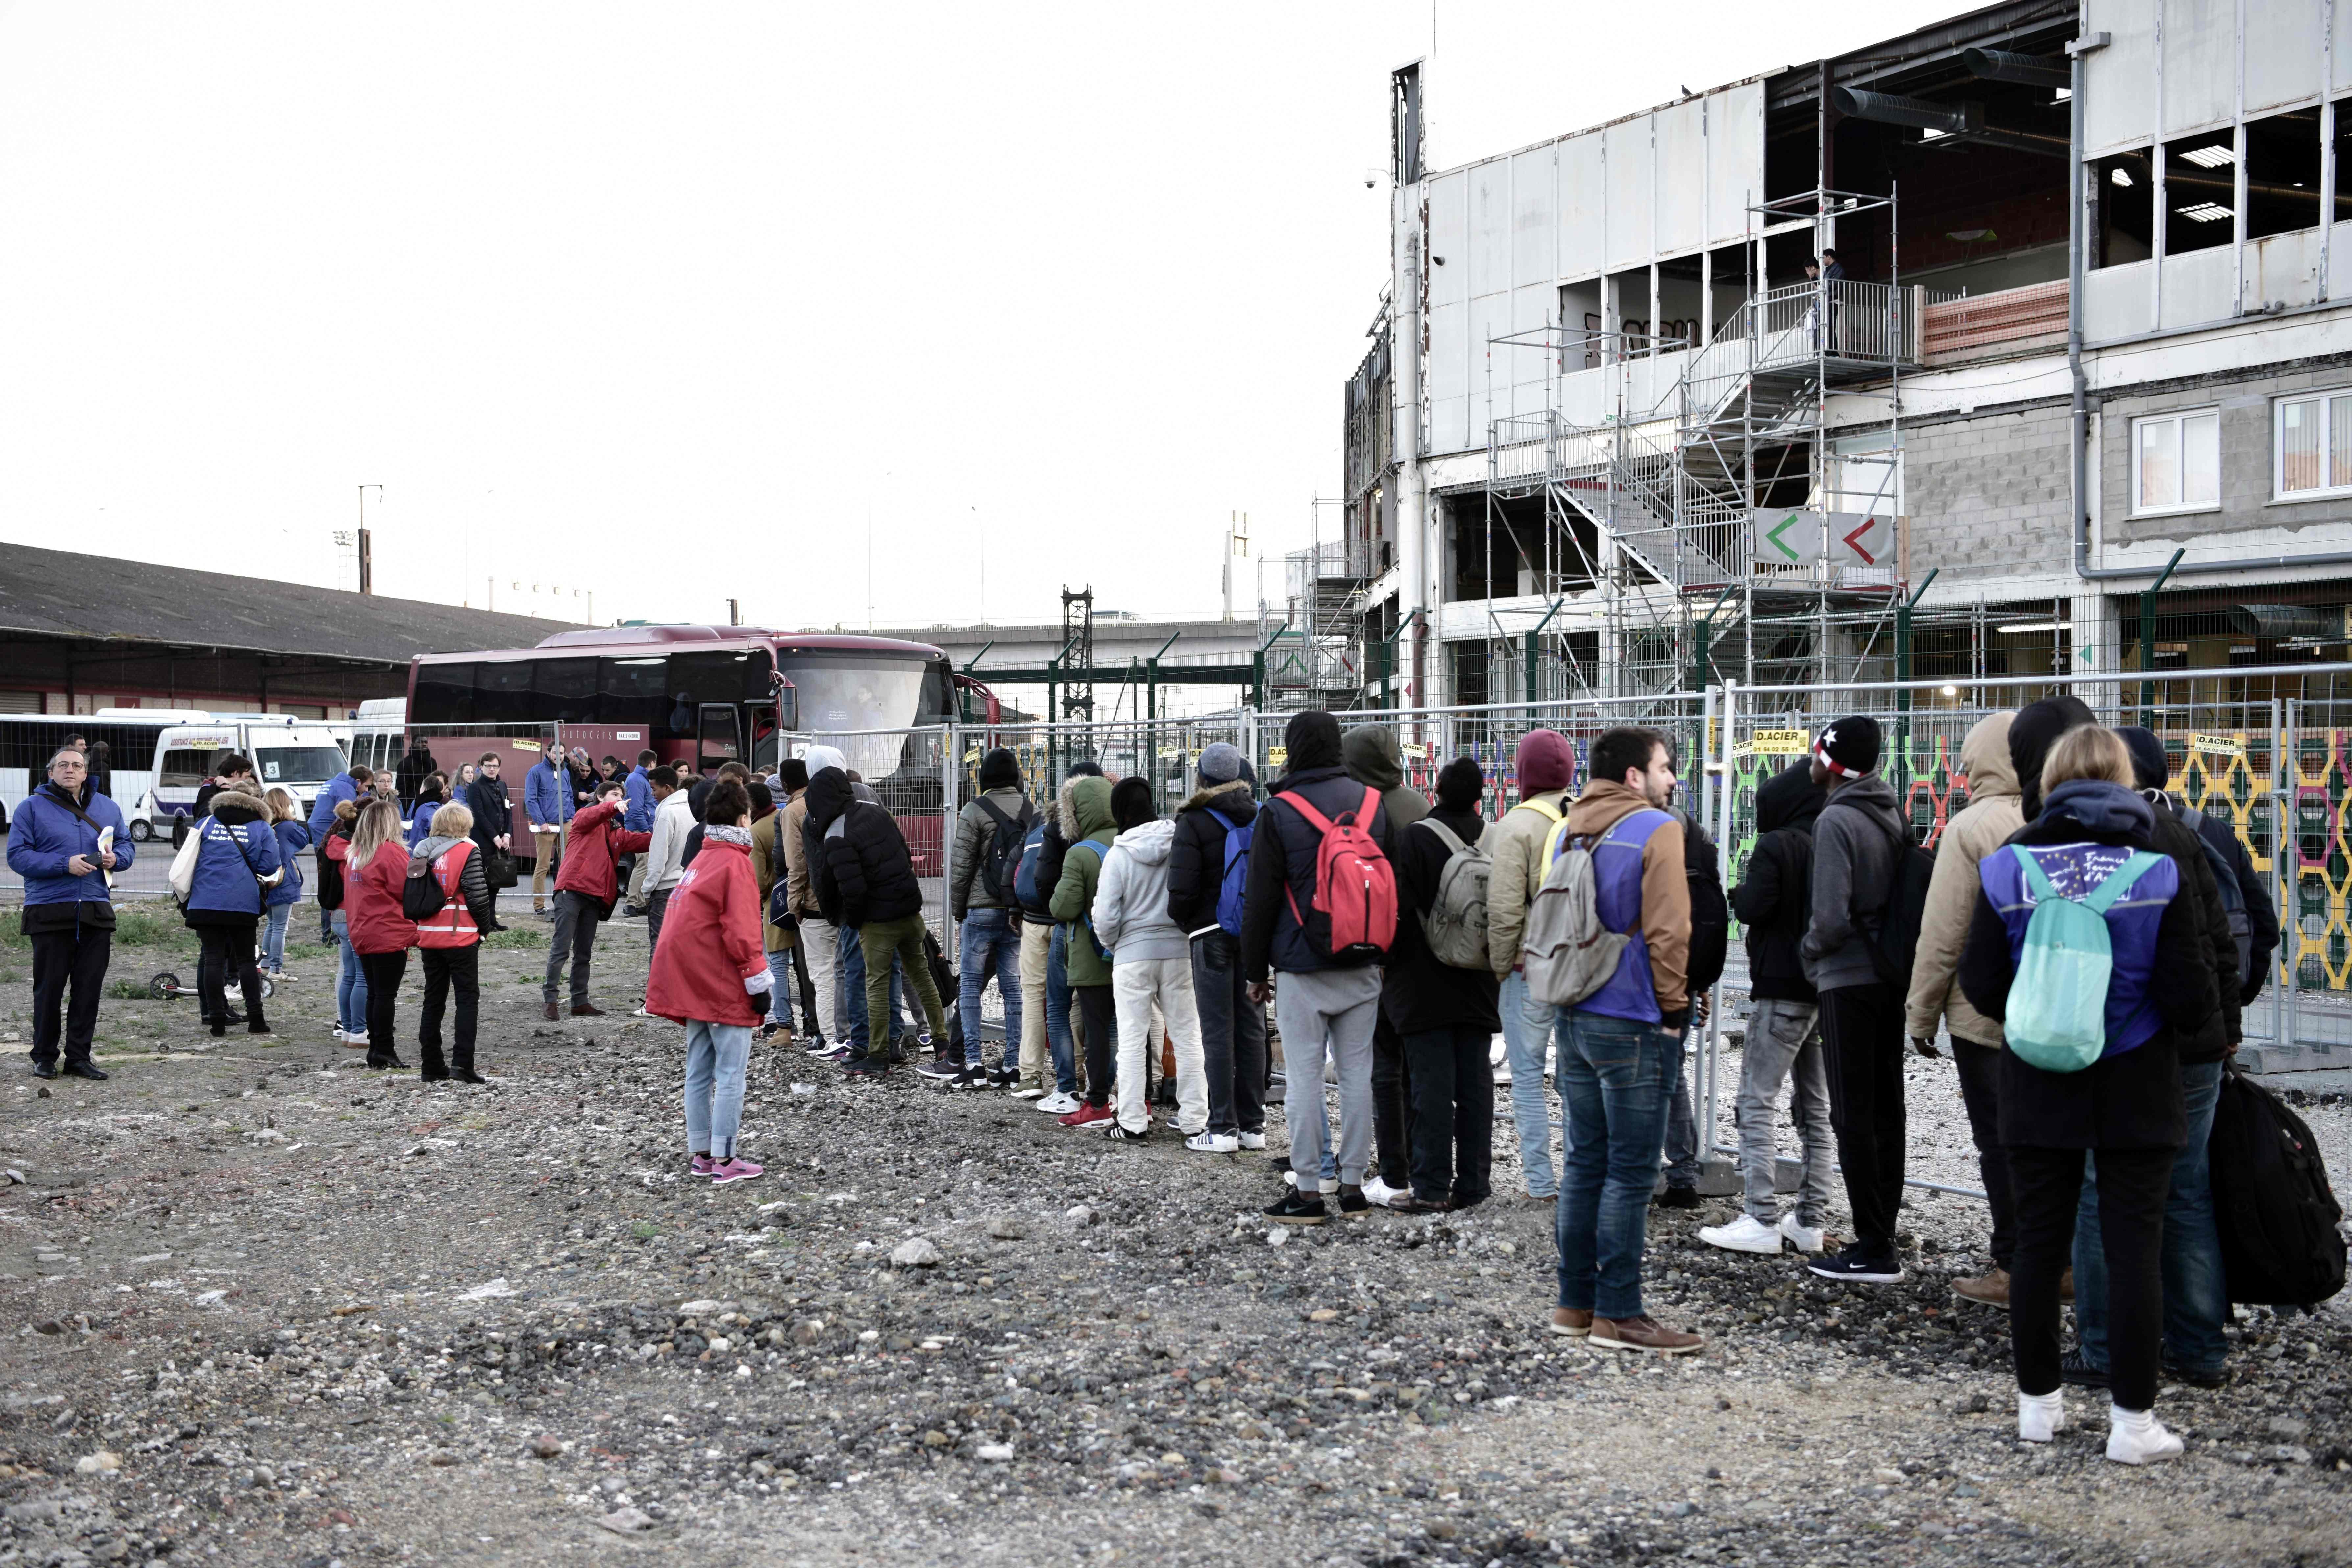 اخلاء مخيم للاجئين فى باريس